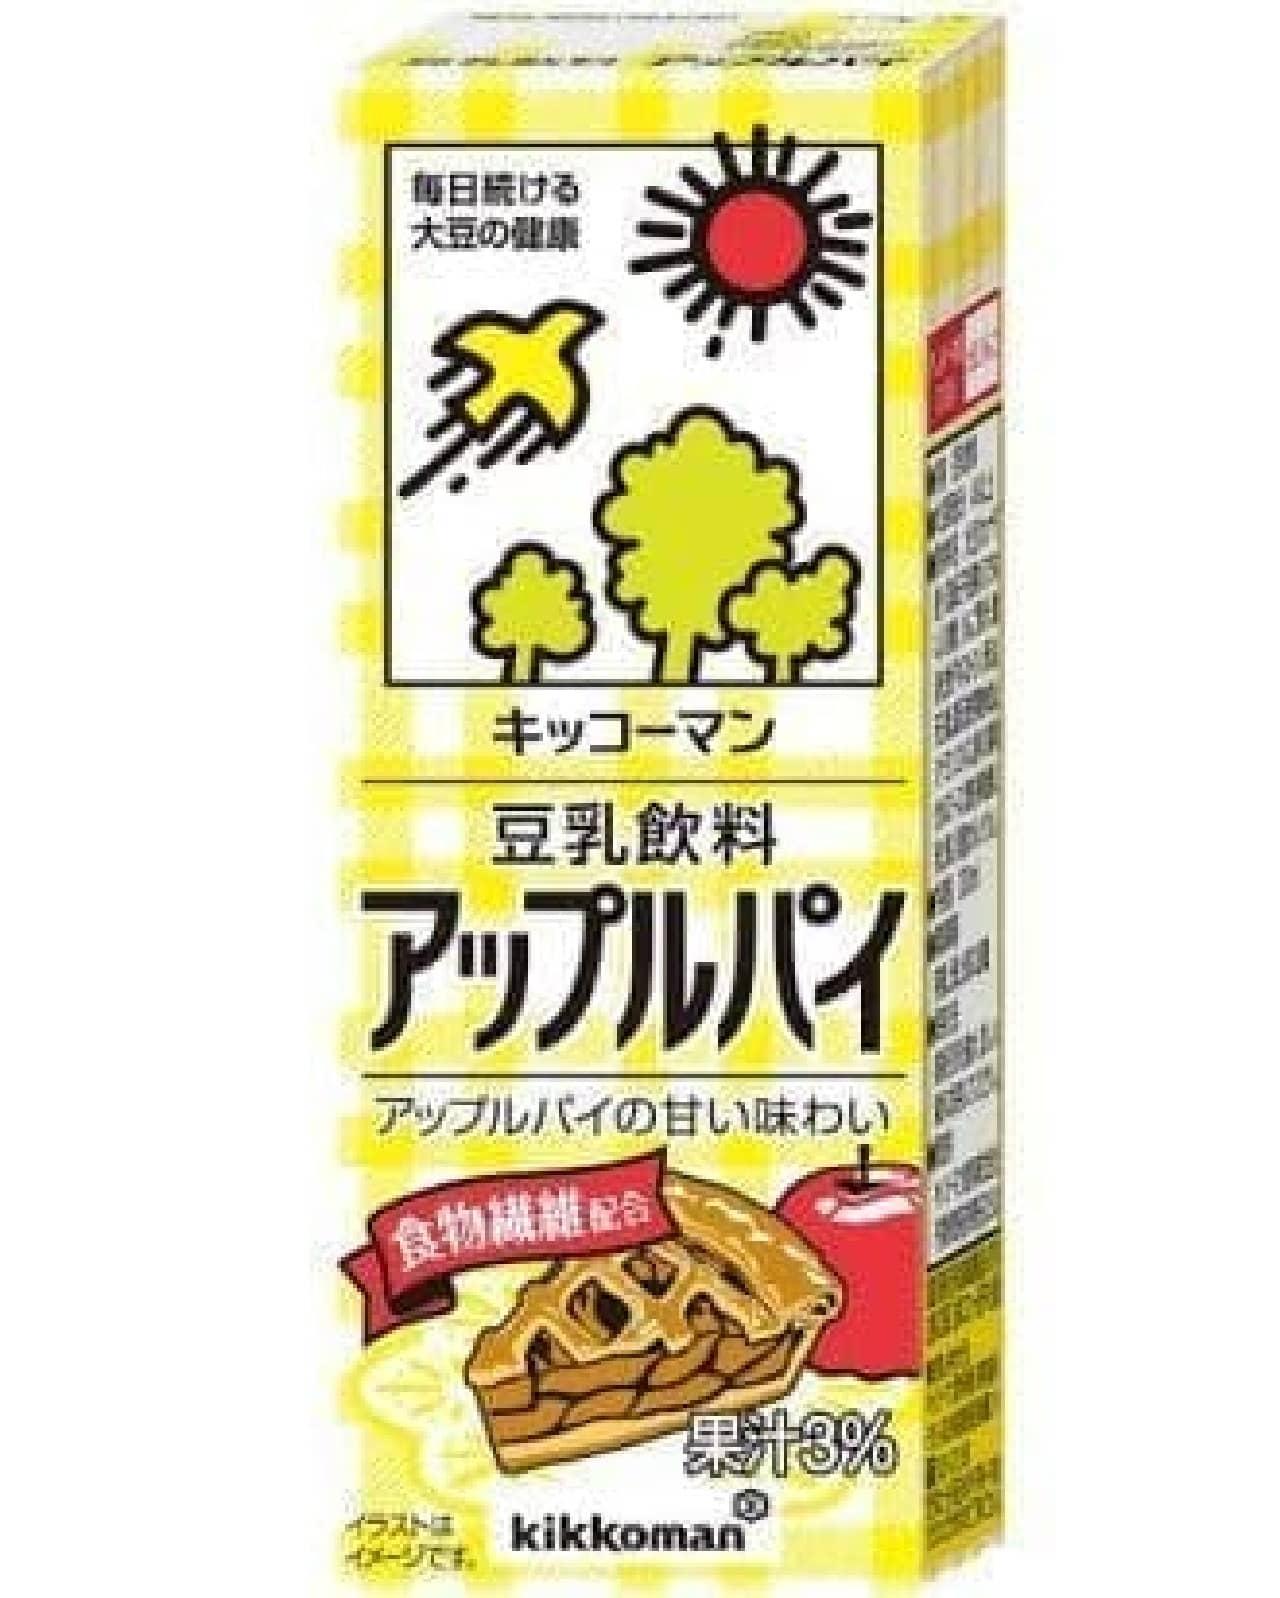 キッコーマン「豆乳飲料 アップルパイ」